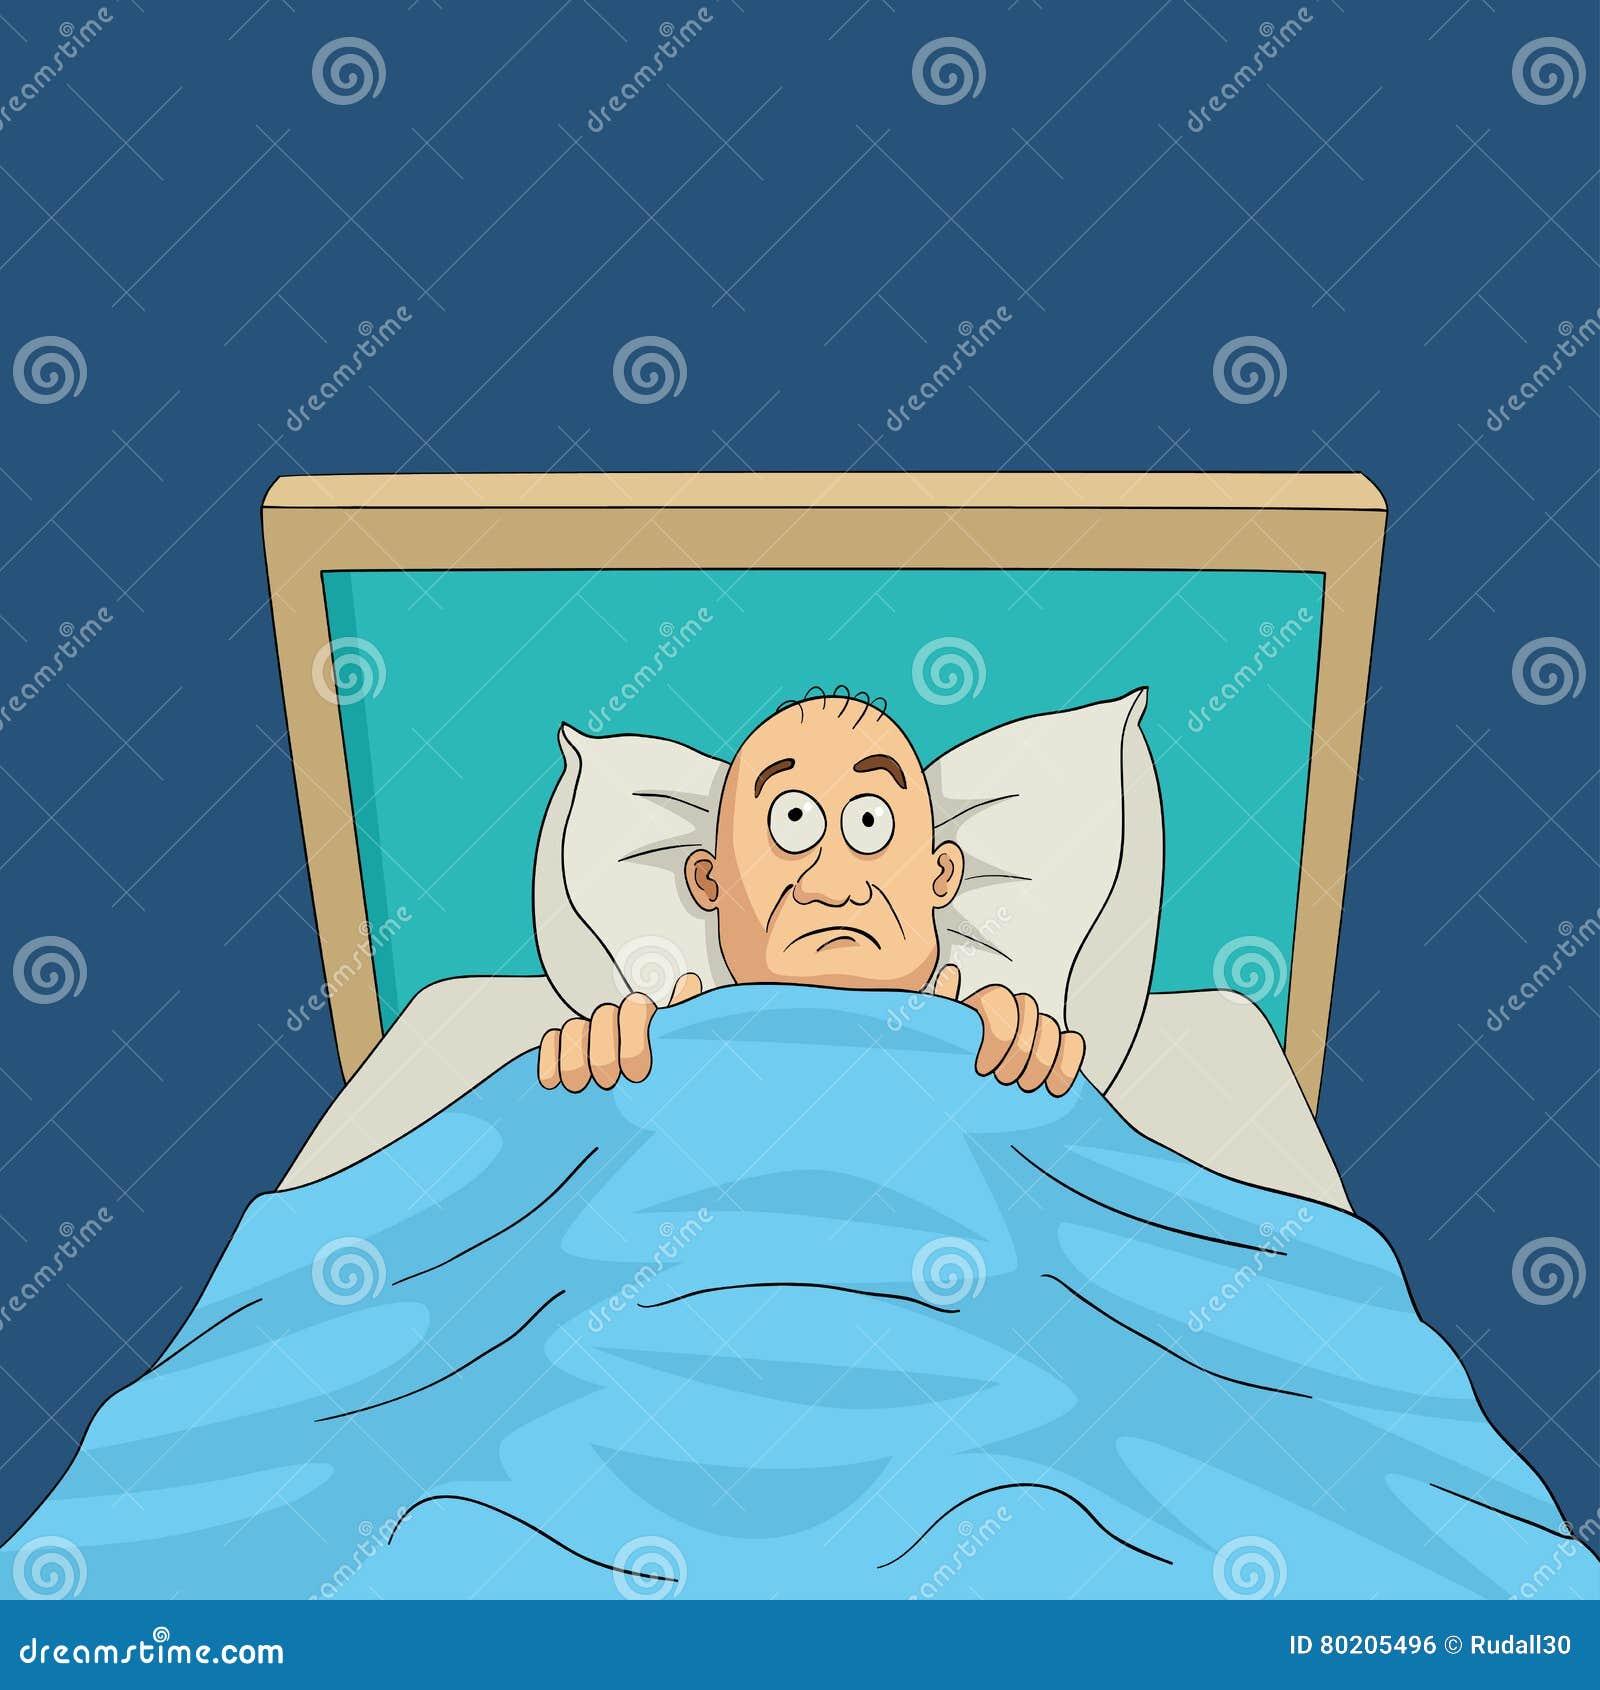 Mann Auf Bett Mit Breiter Offener Karikatur Der Augen Vektor